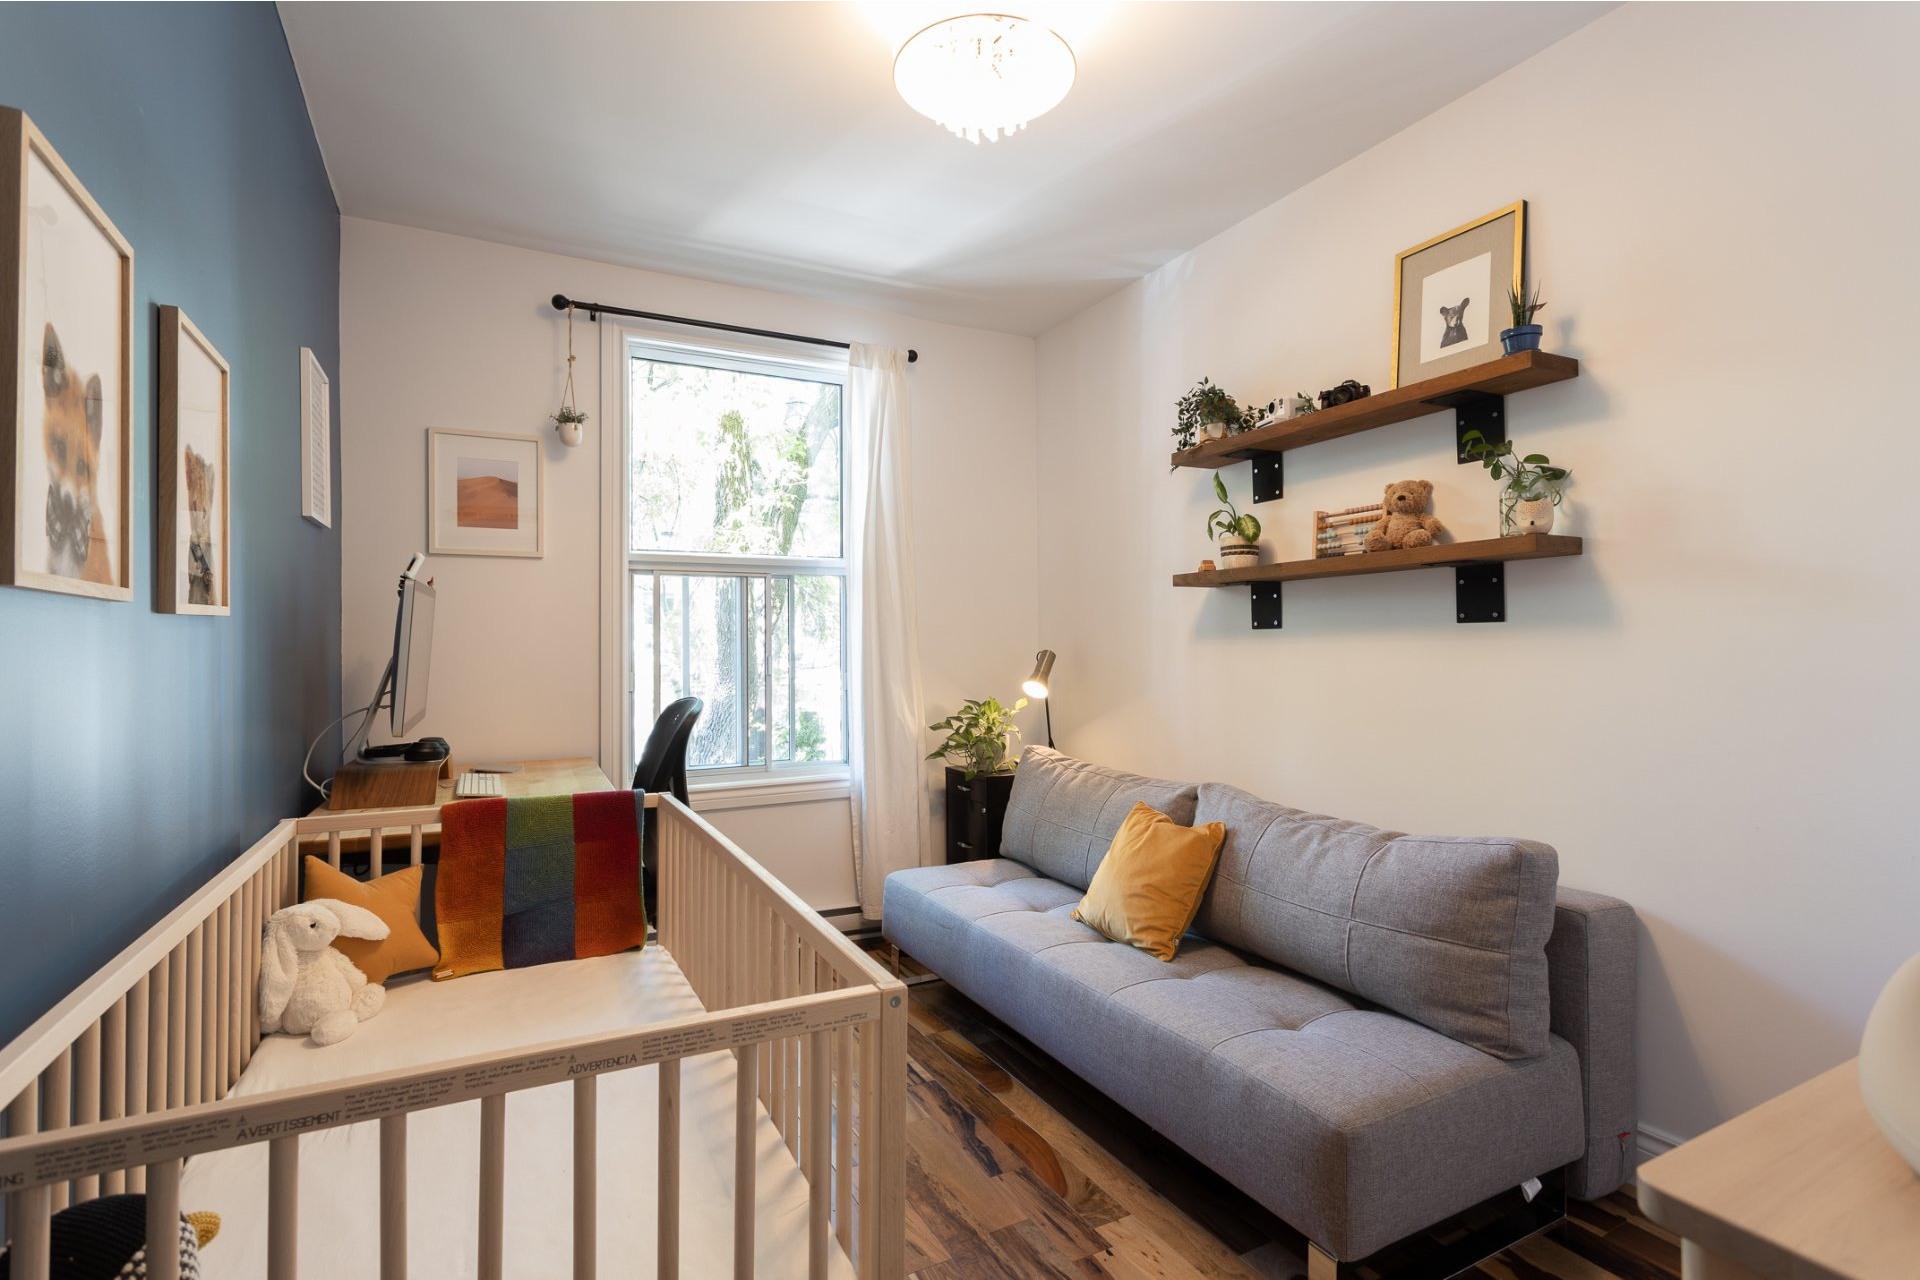 image 14 - Appartement À vendre Mercier/Hochelaga-Maisonneuve Montréal  - 4 pièces